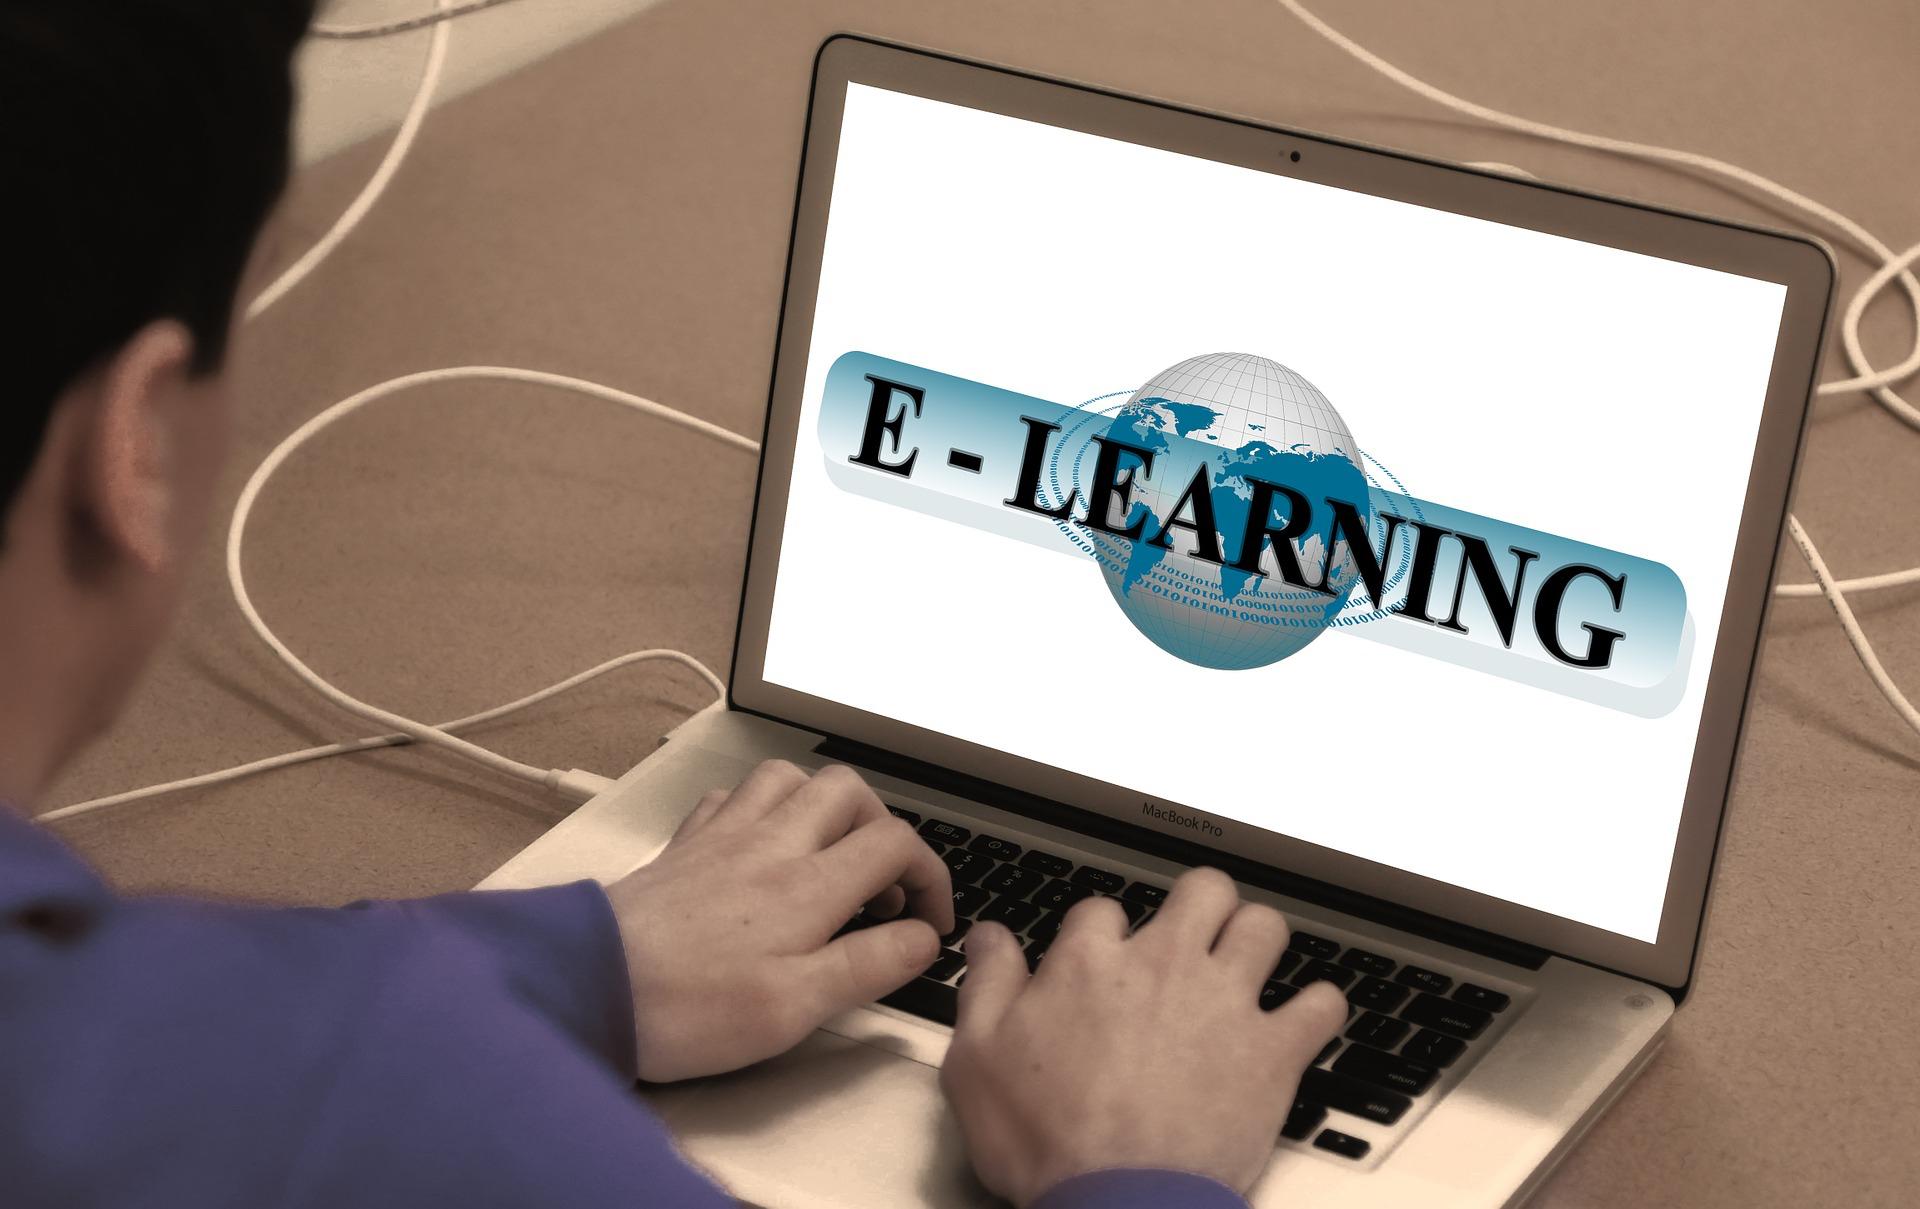 learn-868815_1920_geralt